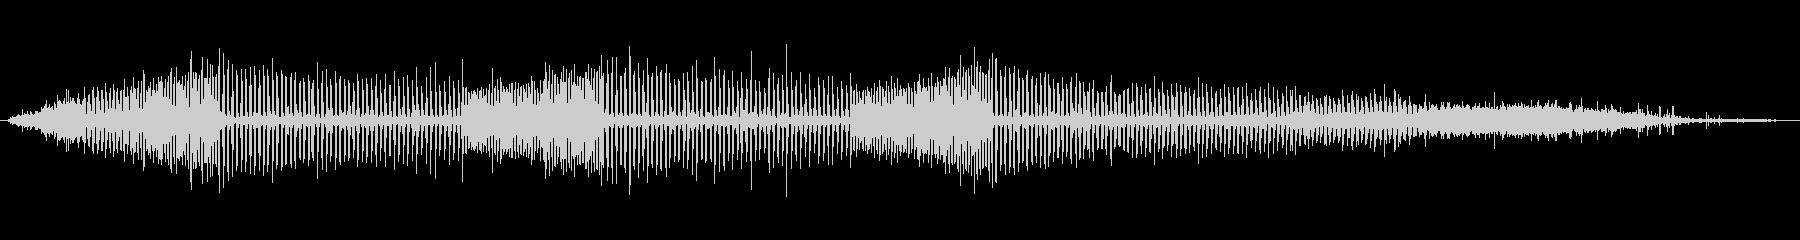 ラチェットスプリンクラー:スタート...の未再生の波形